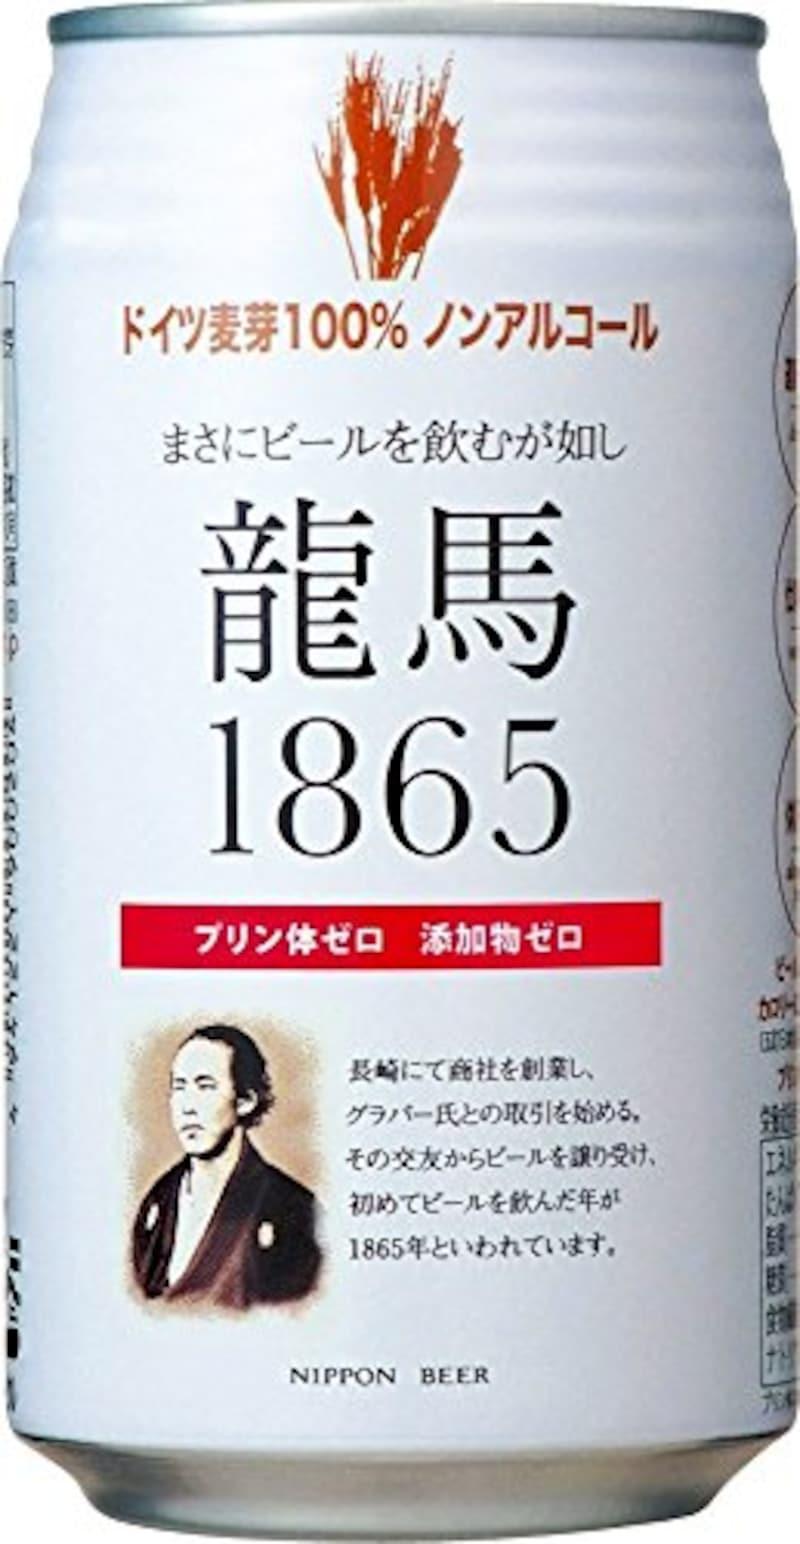 日本ビール,龍馬1865